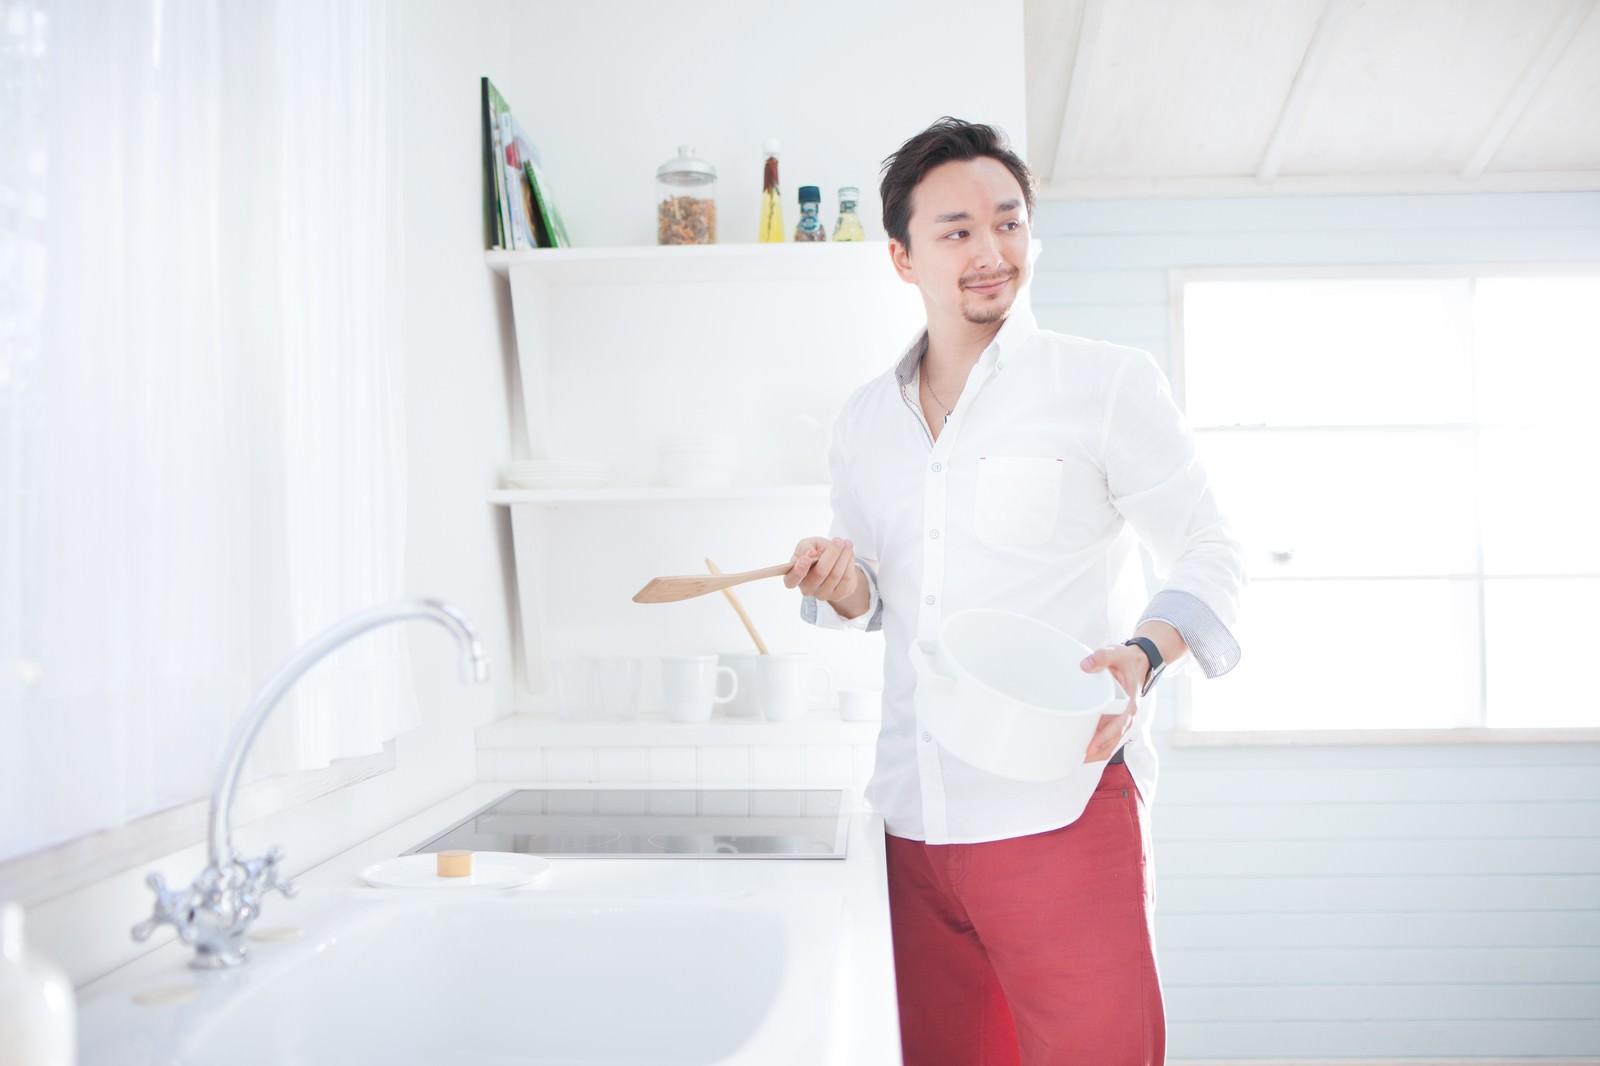 「ホームパーティーで手料理を振舞おうとする元彼」の写真[モデル:Max_Ezaki]